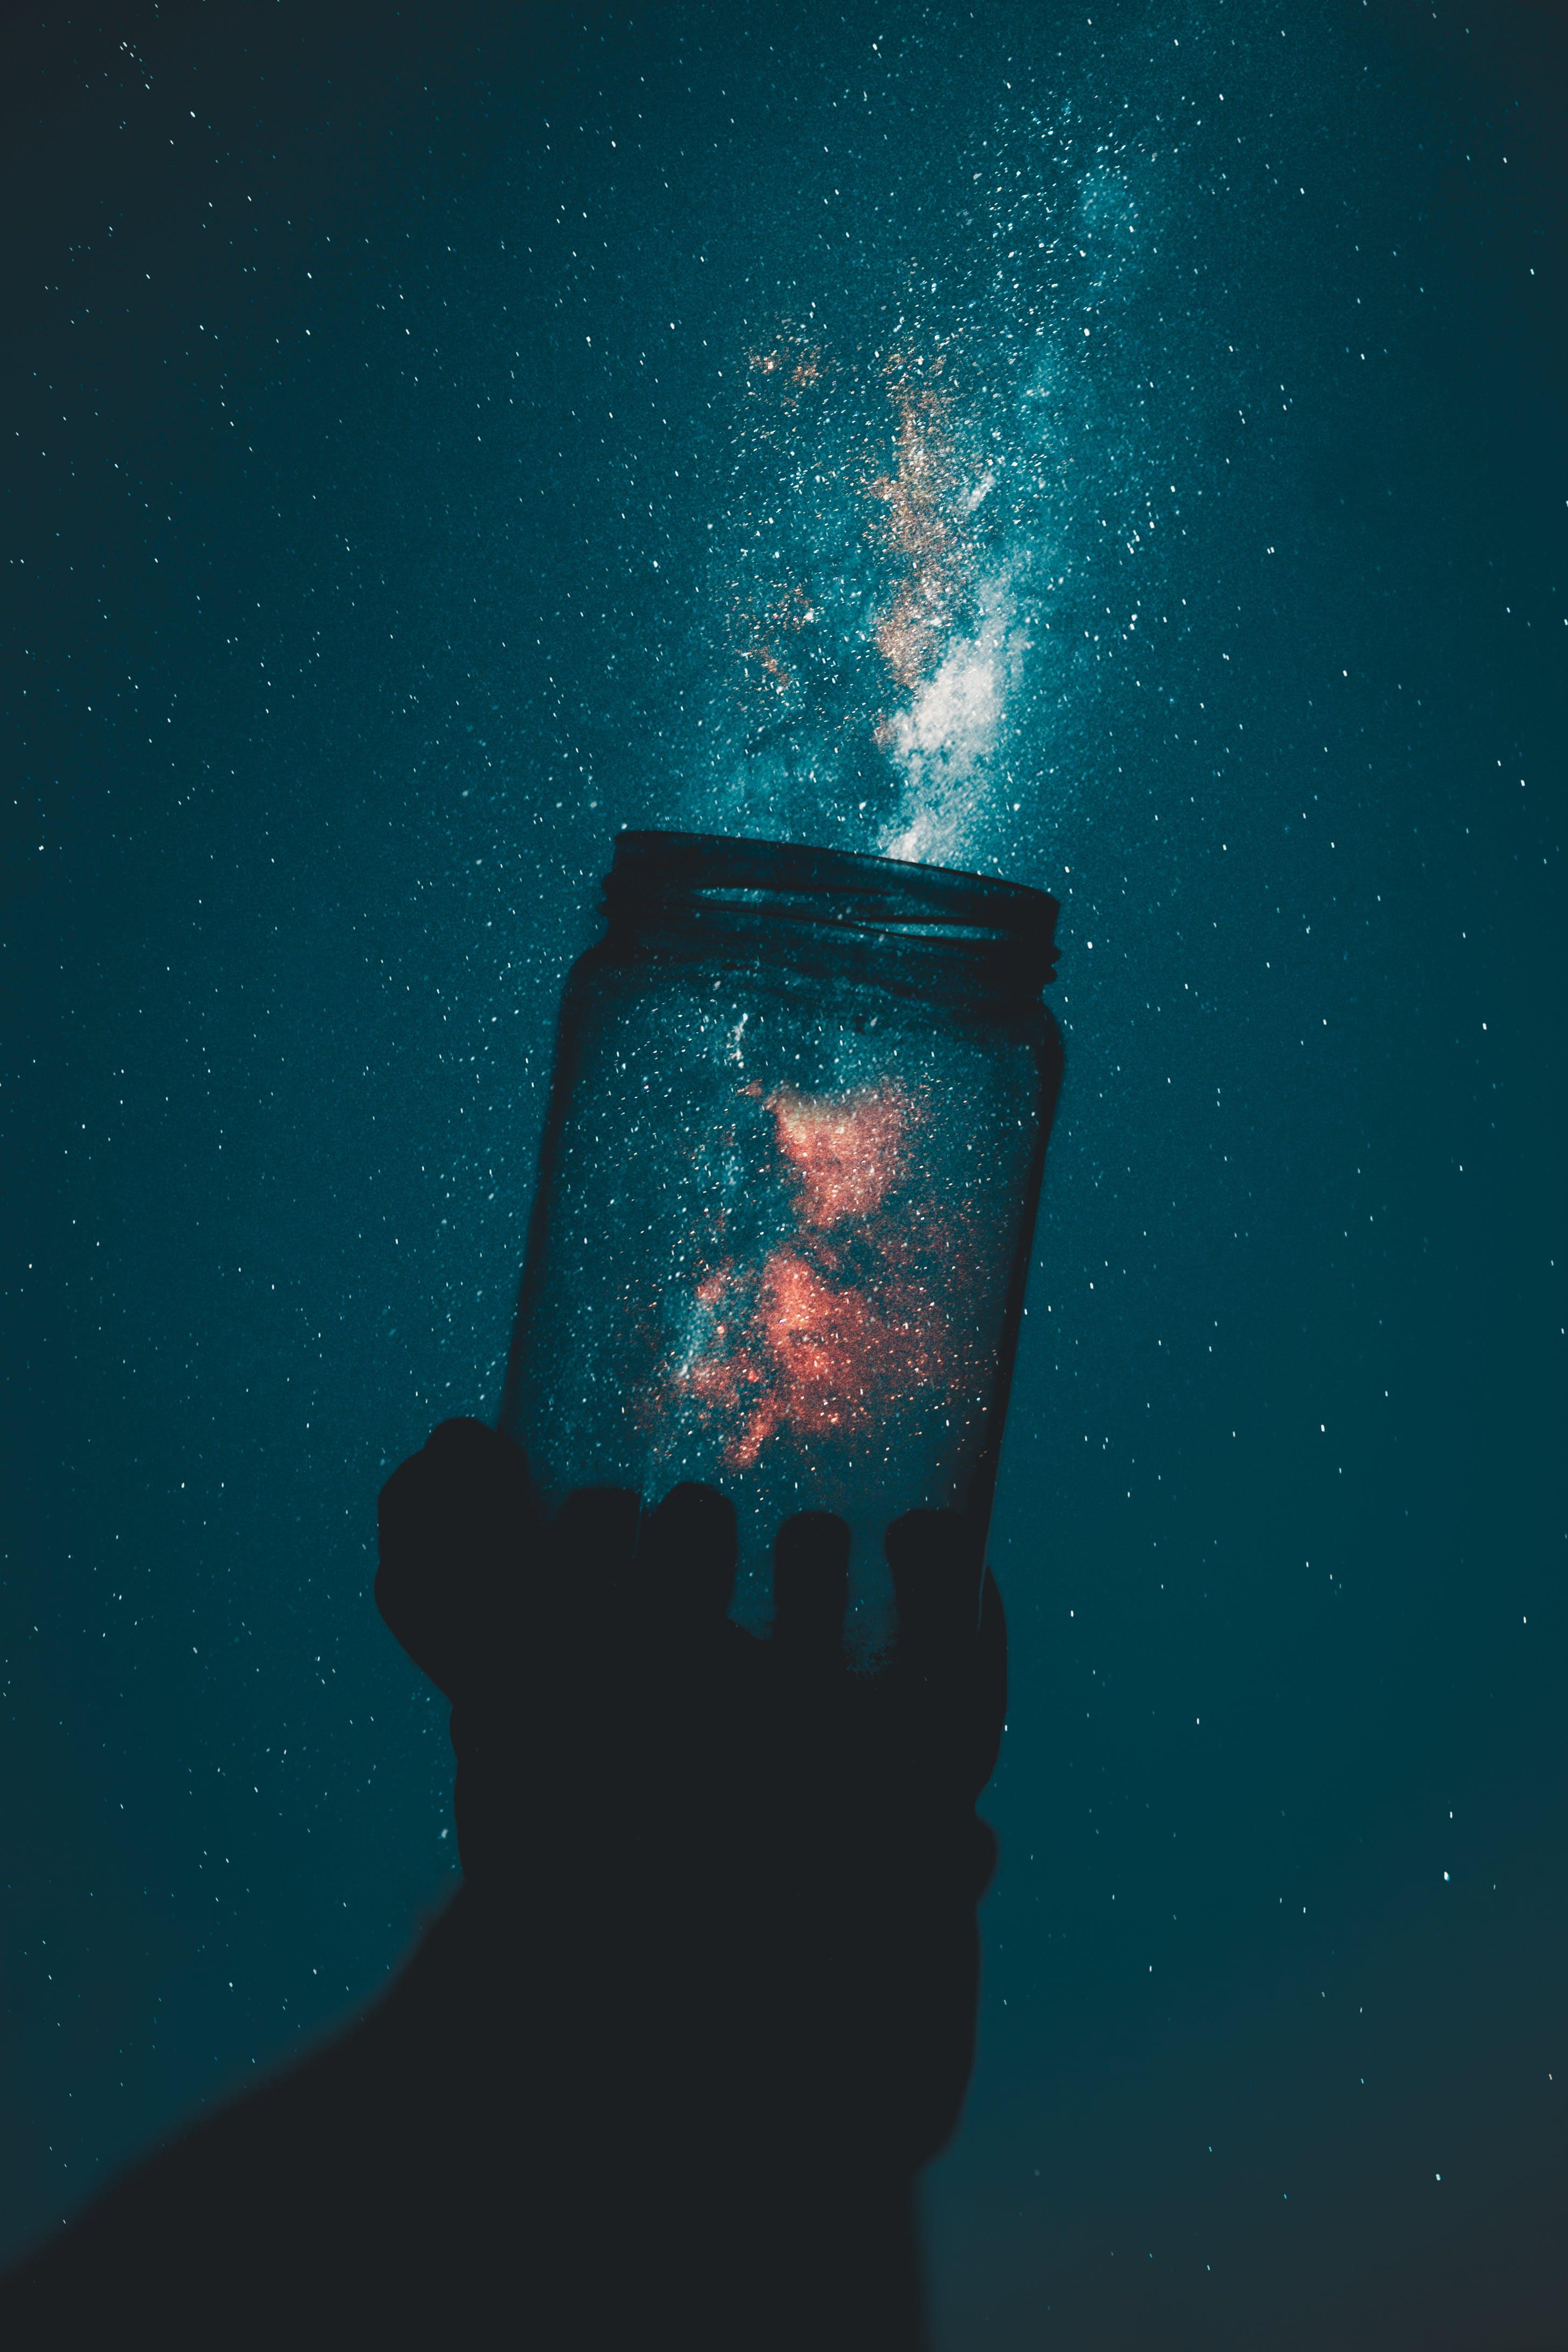 Kostenloses Stock Foto zu licht, himmel, hände, kreativ